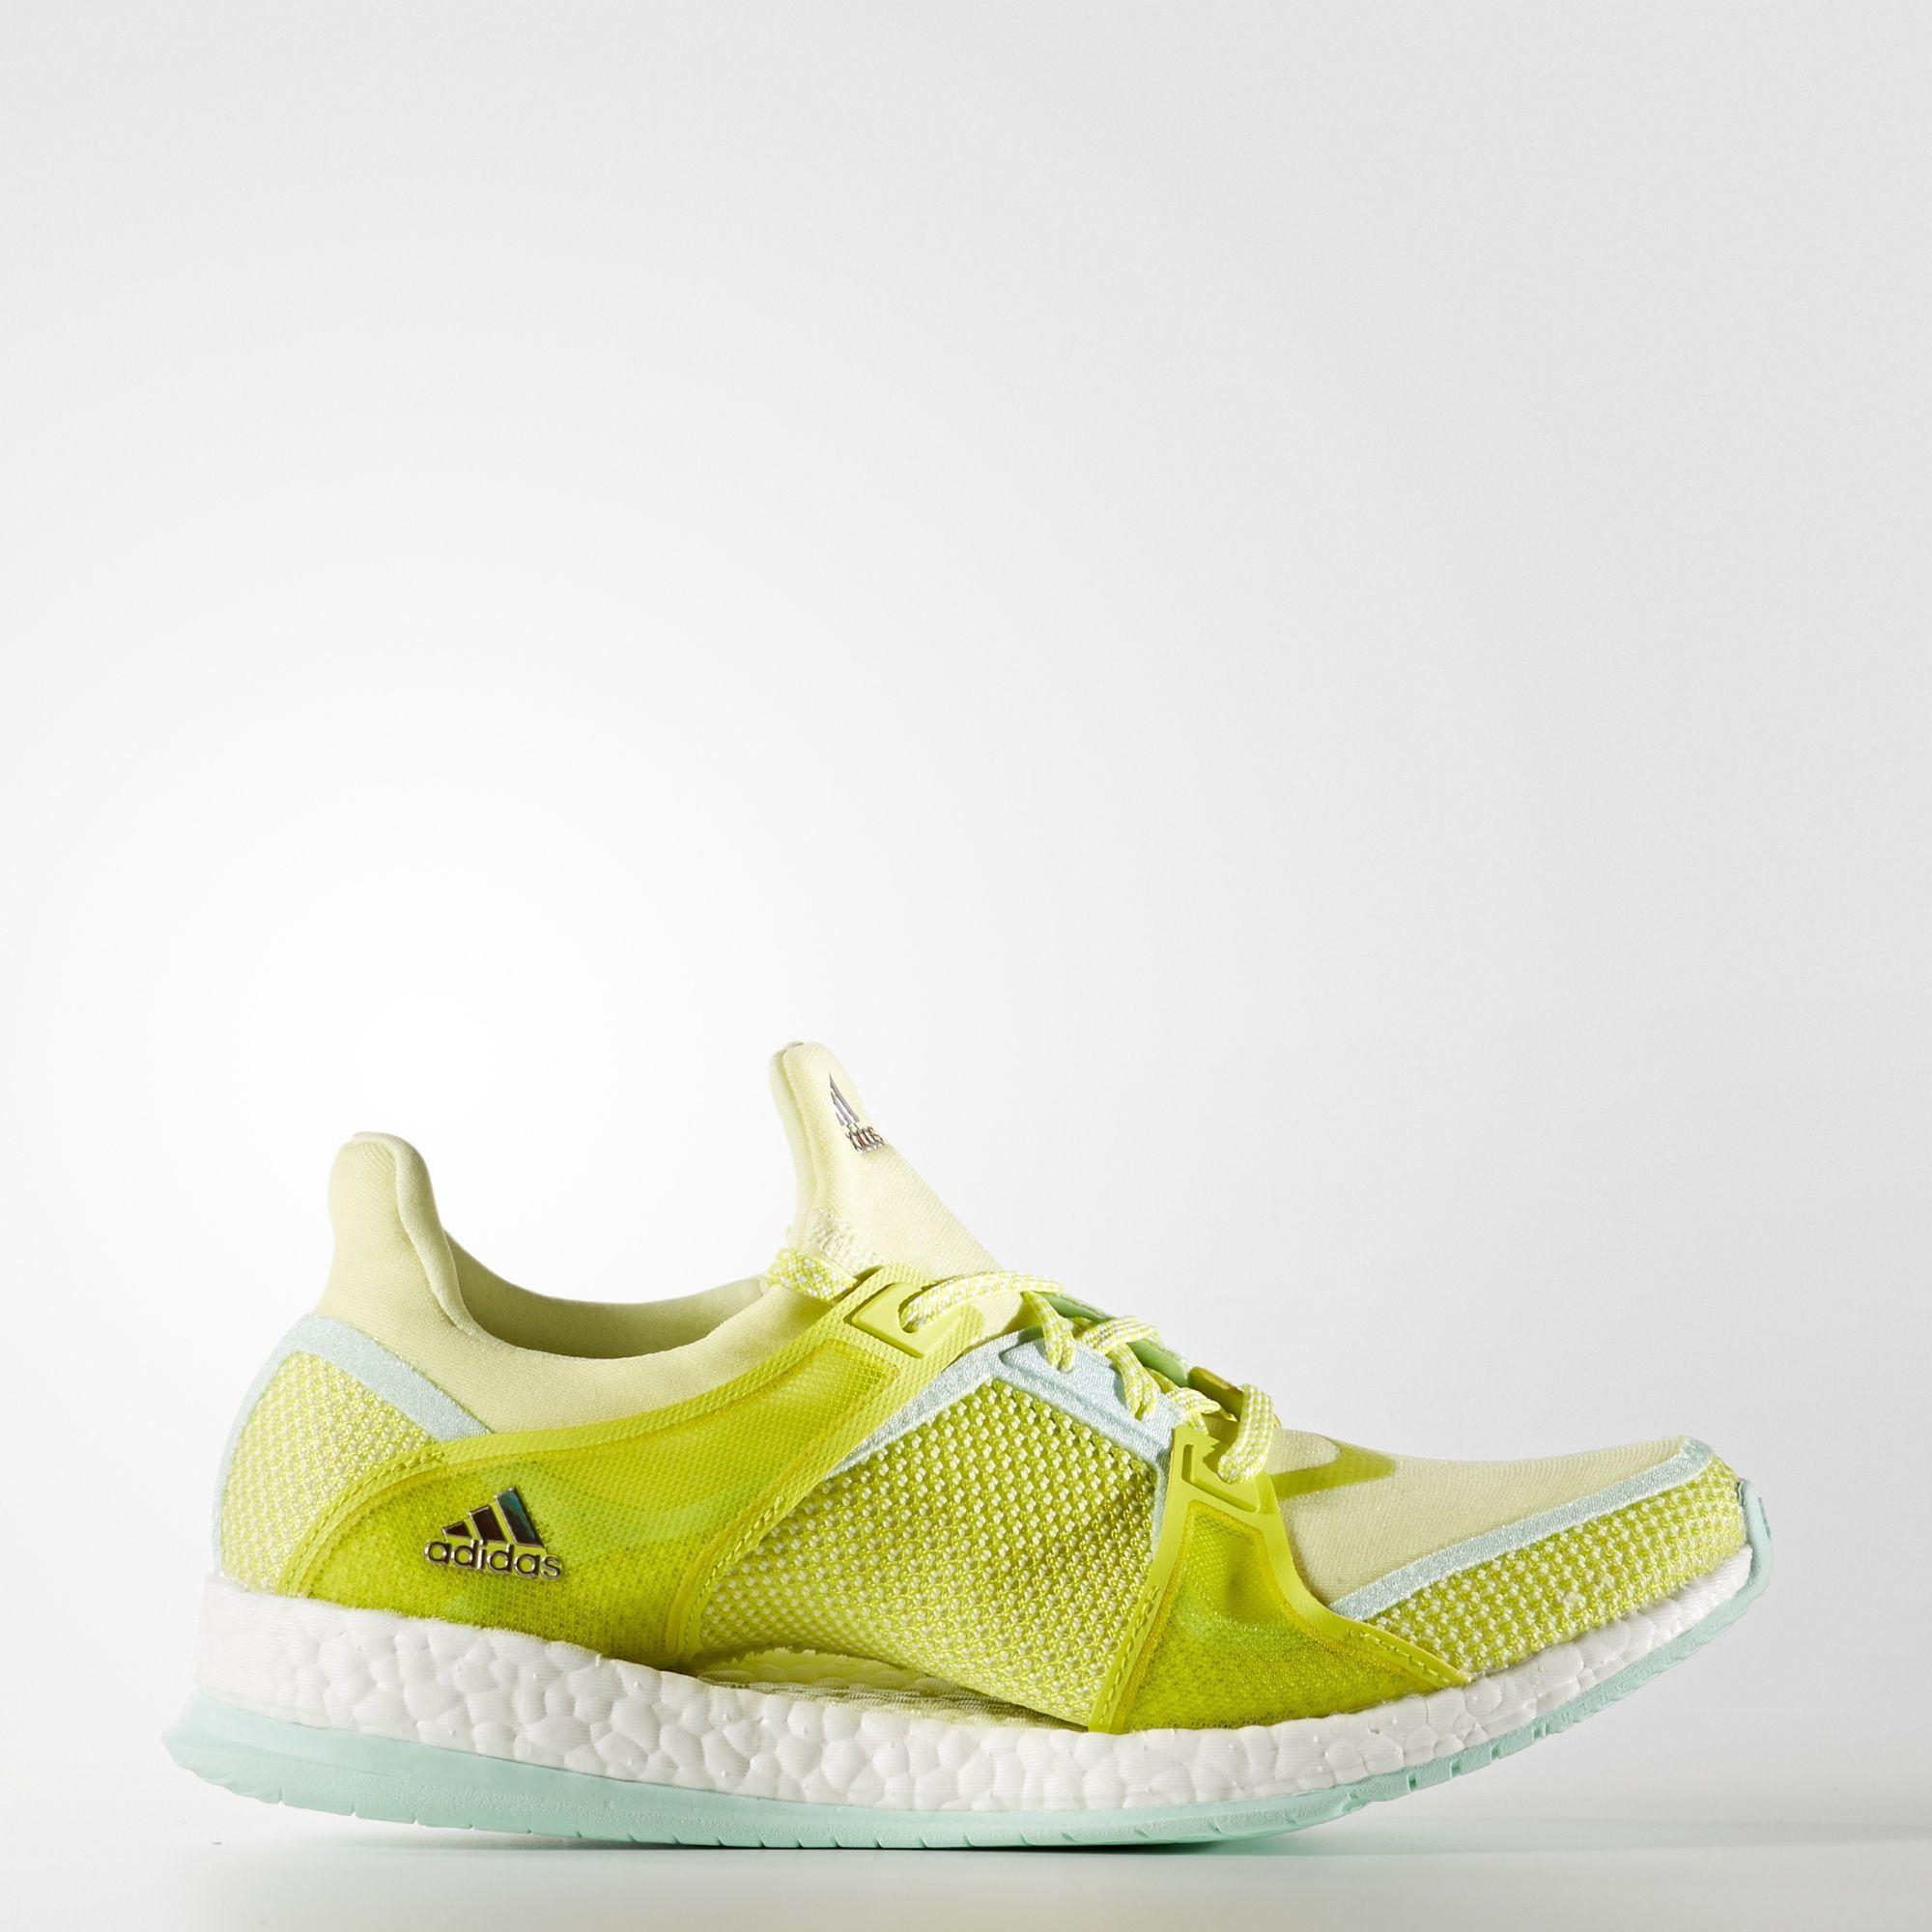 Adidas Pure Boost X Training Shoes Com Imagens Tenis